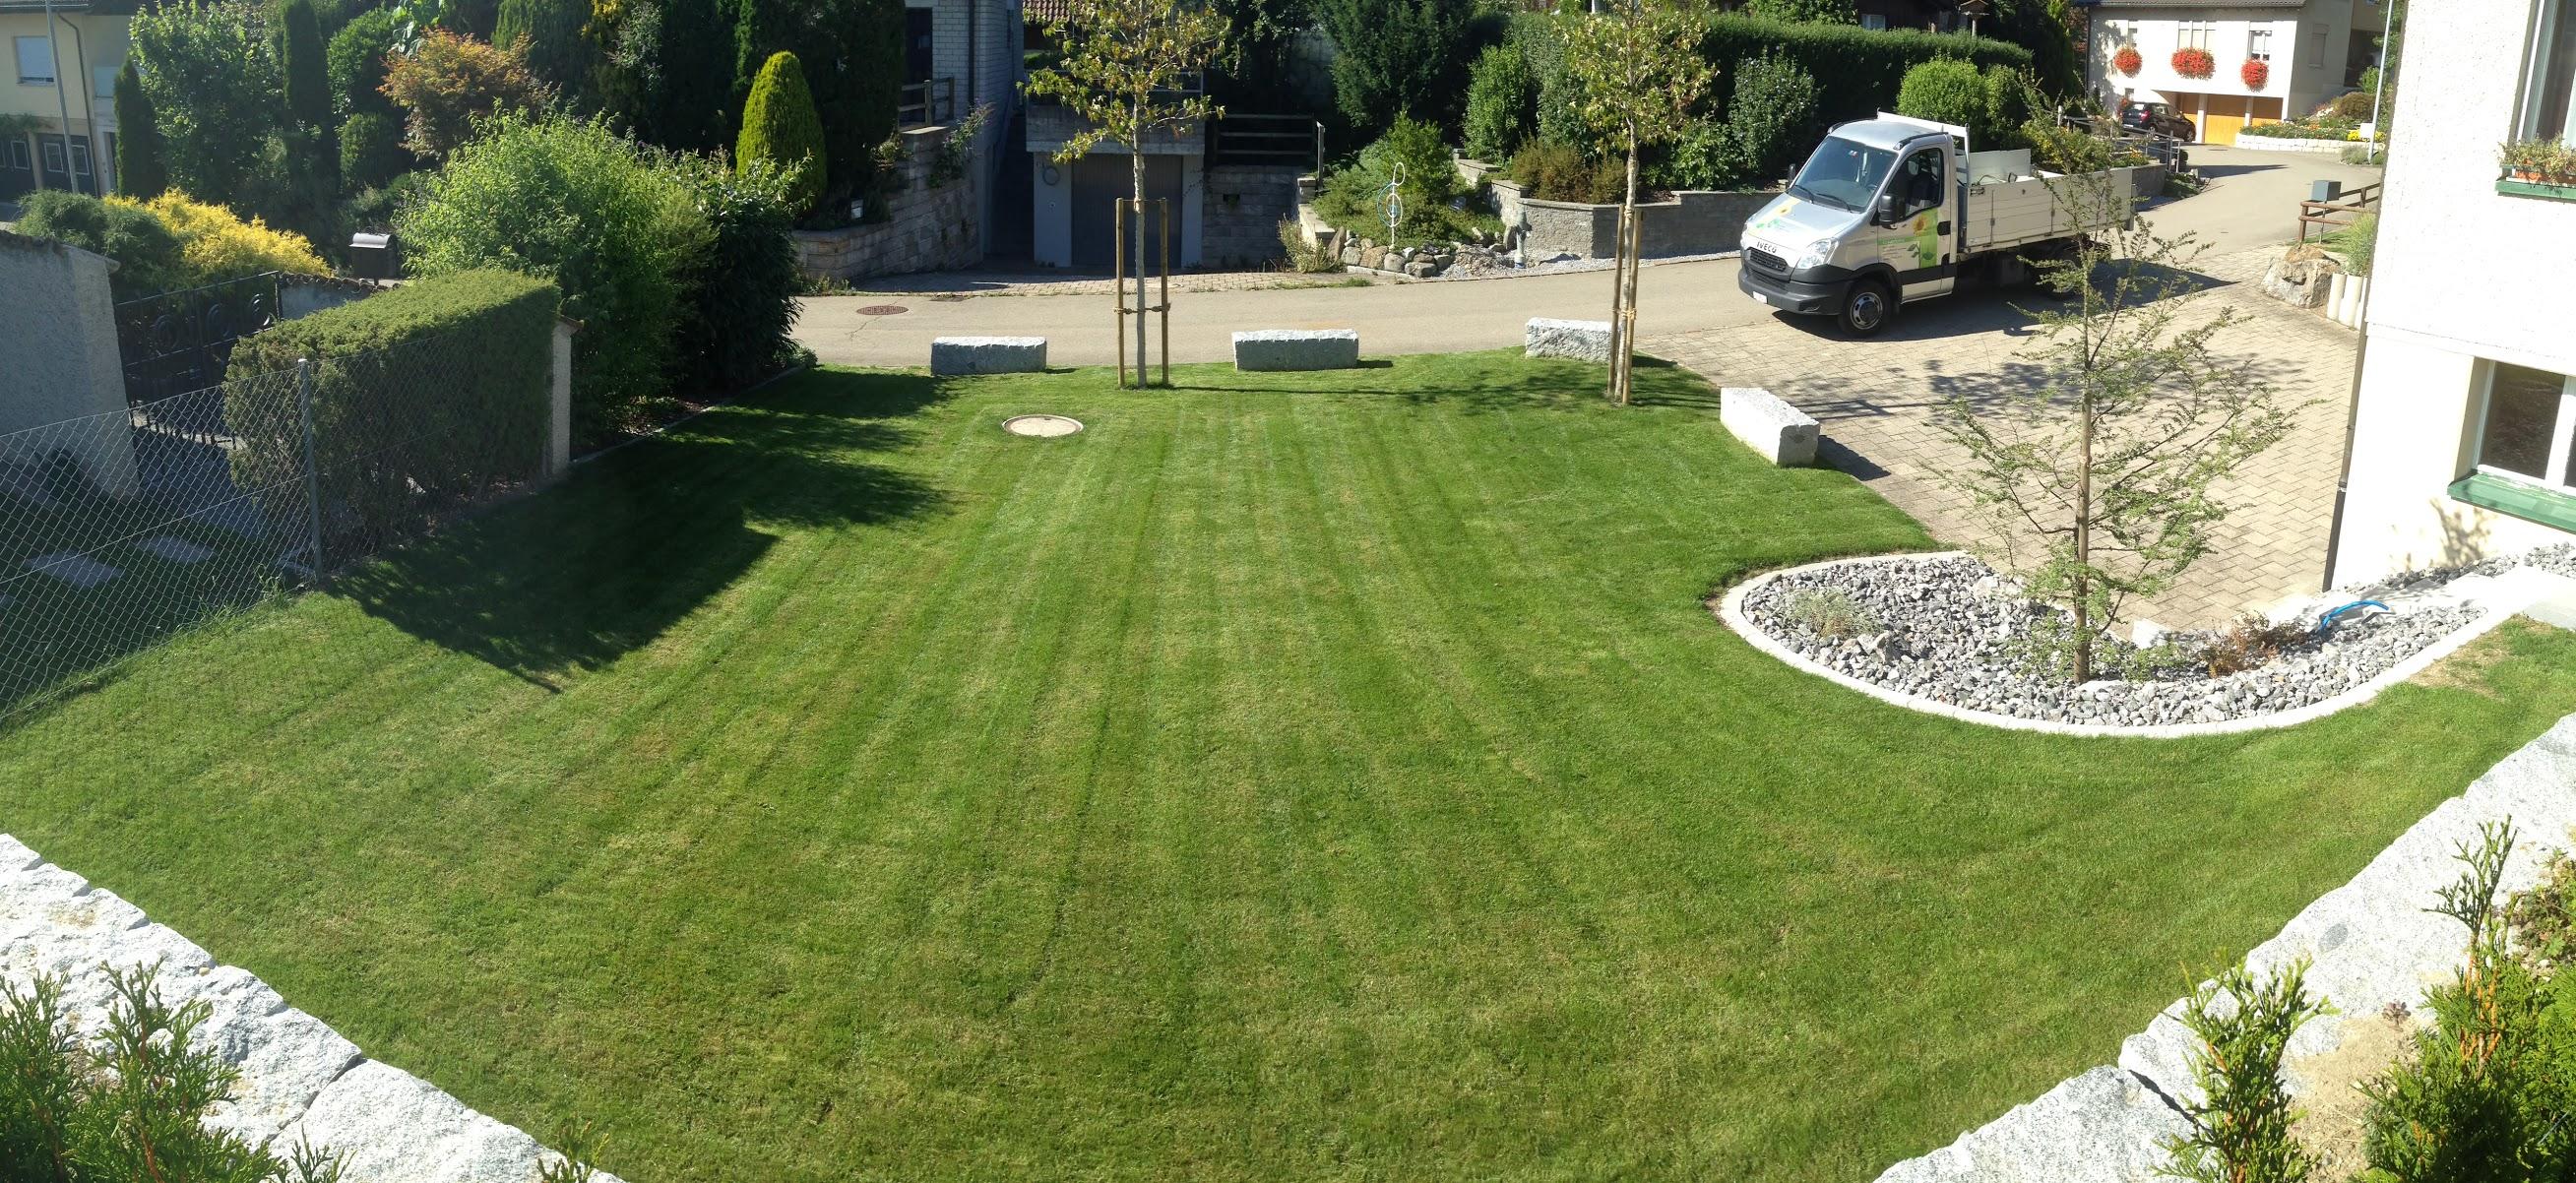 Gartenanlage Münchwilen erstellt durch Remo Schefer Gartenpflege & Gartenbau Wuppenau Thurgau